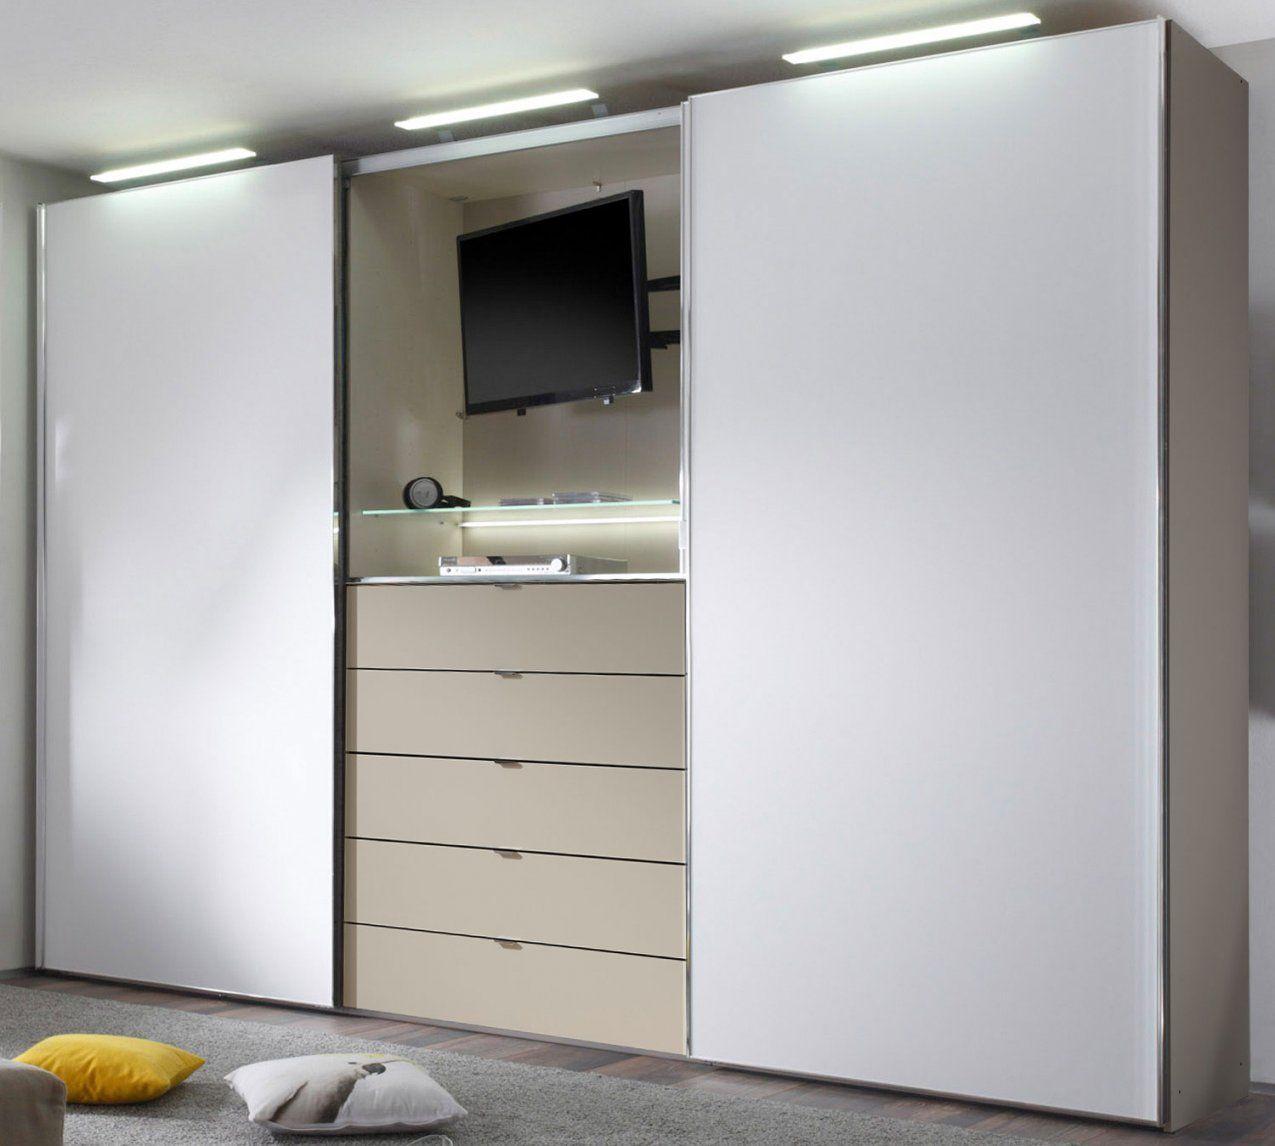 kleiderschrank mit tv aussparung haus design ideen. Black Bedroom Furniture Sets. Home Design Ideas